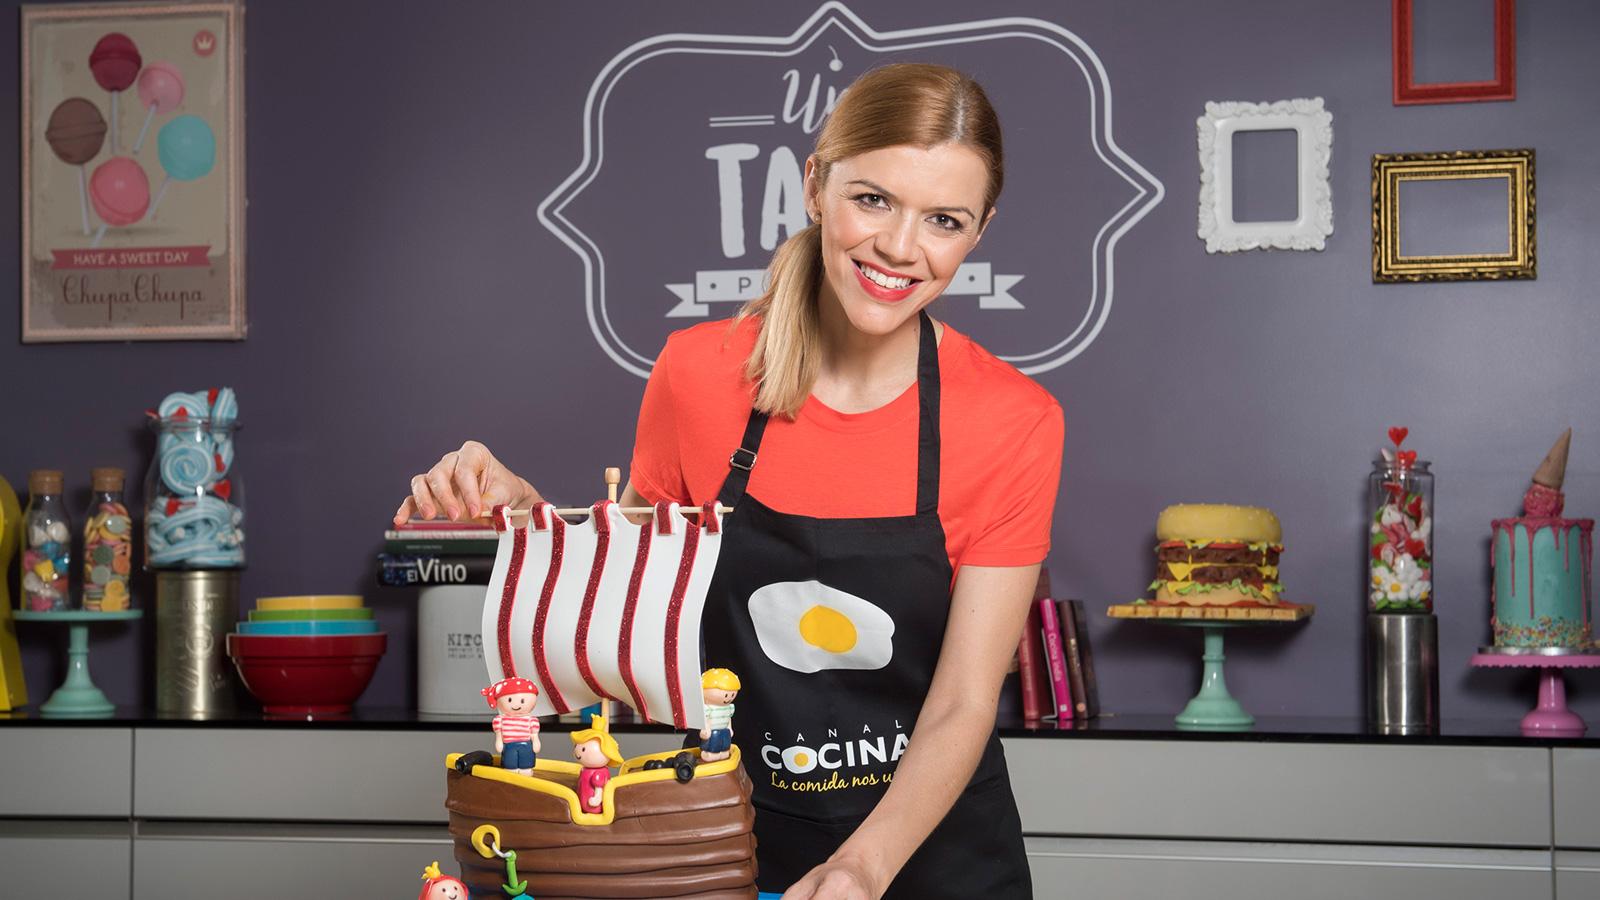 Jessica d niz cocineros canal cocina for Cocineros de canal cocina